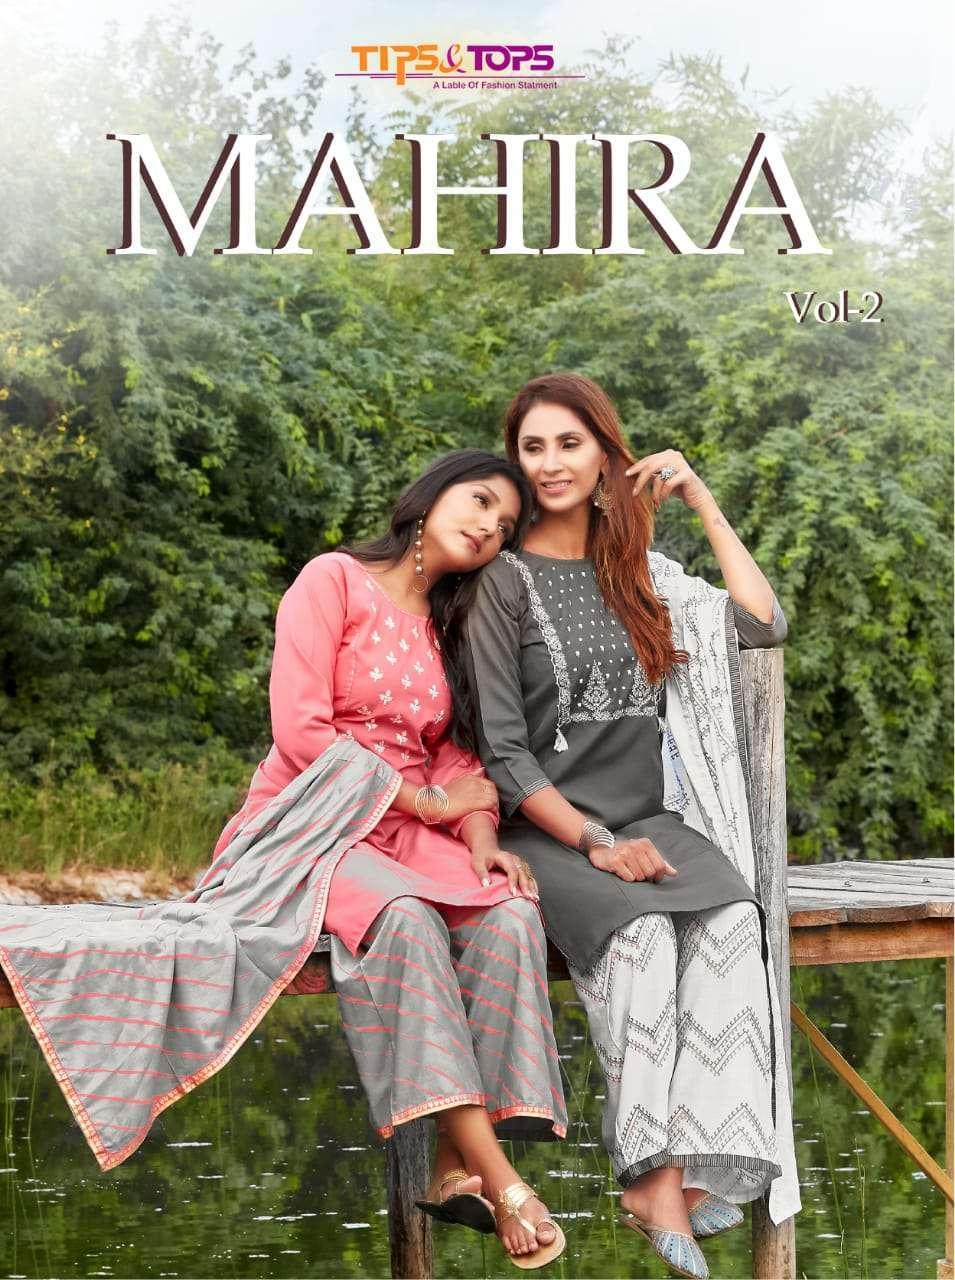 tips & tops mahira vol 2 series 1001-1006 premium silk suit